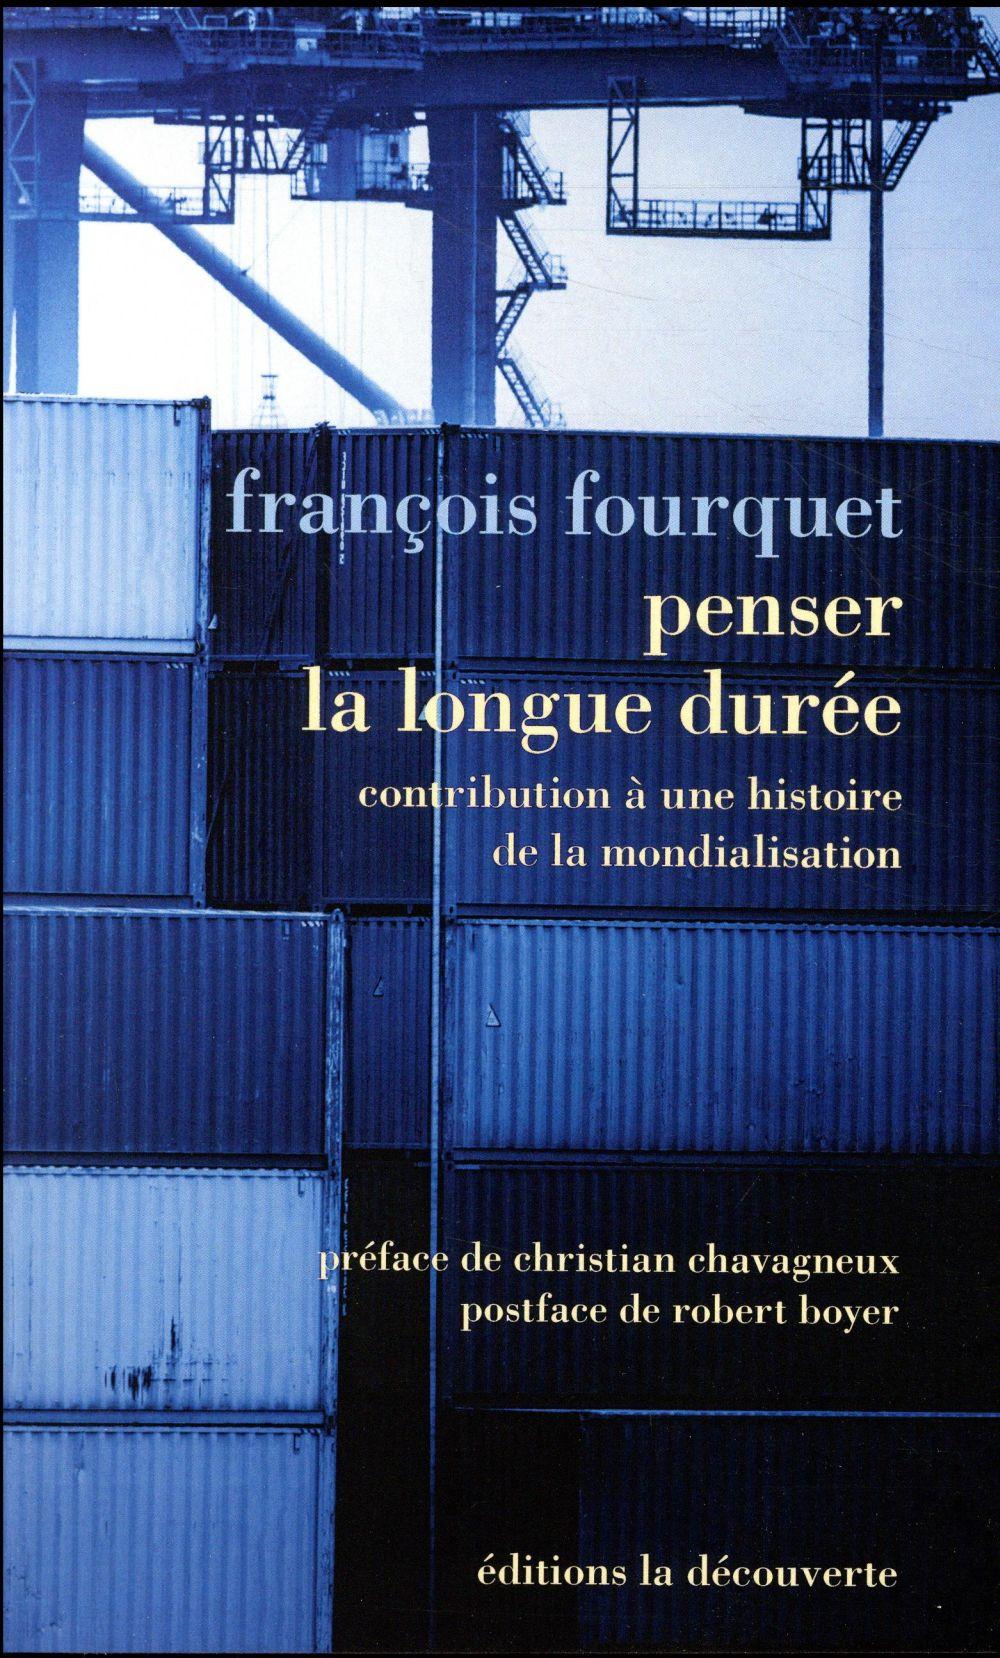 PENSER LA LONGUE DUREE : CONTRIBUTION A UNE HISTOIRE DE LA MONDIALISATION